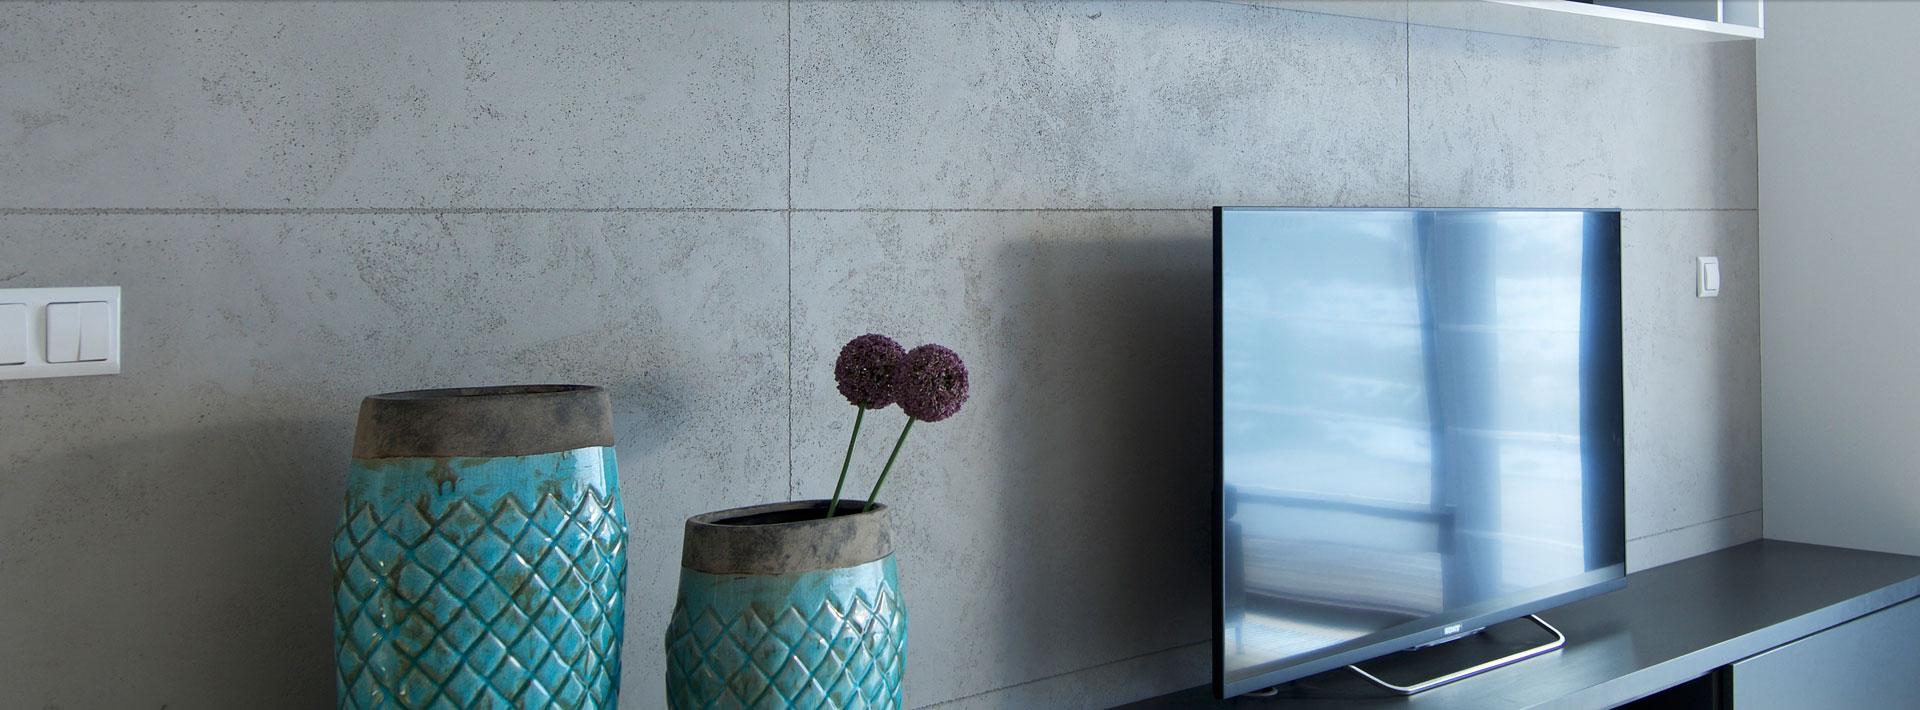 Efekt betonu na ścianie - jak go uzyskać?